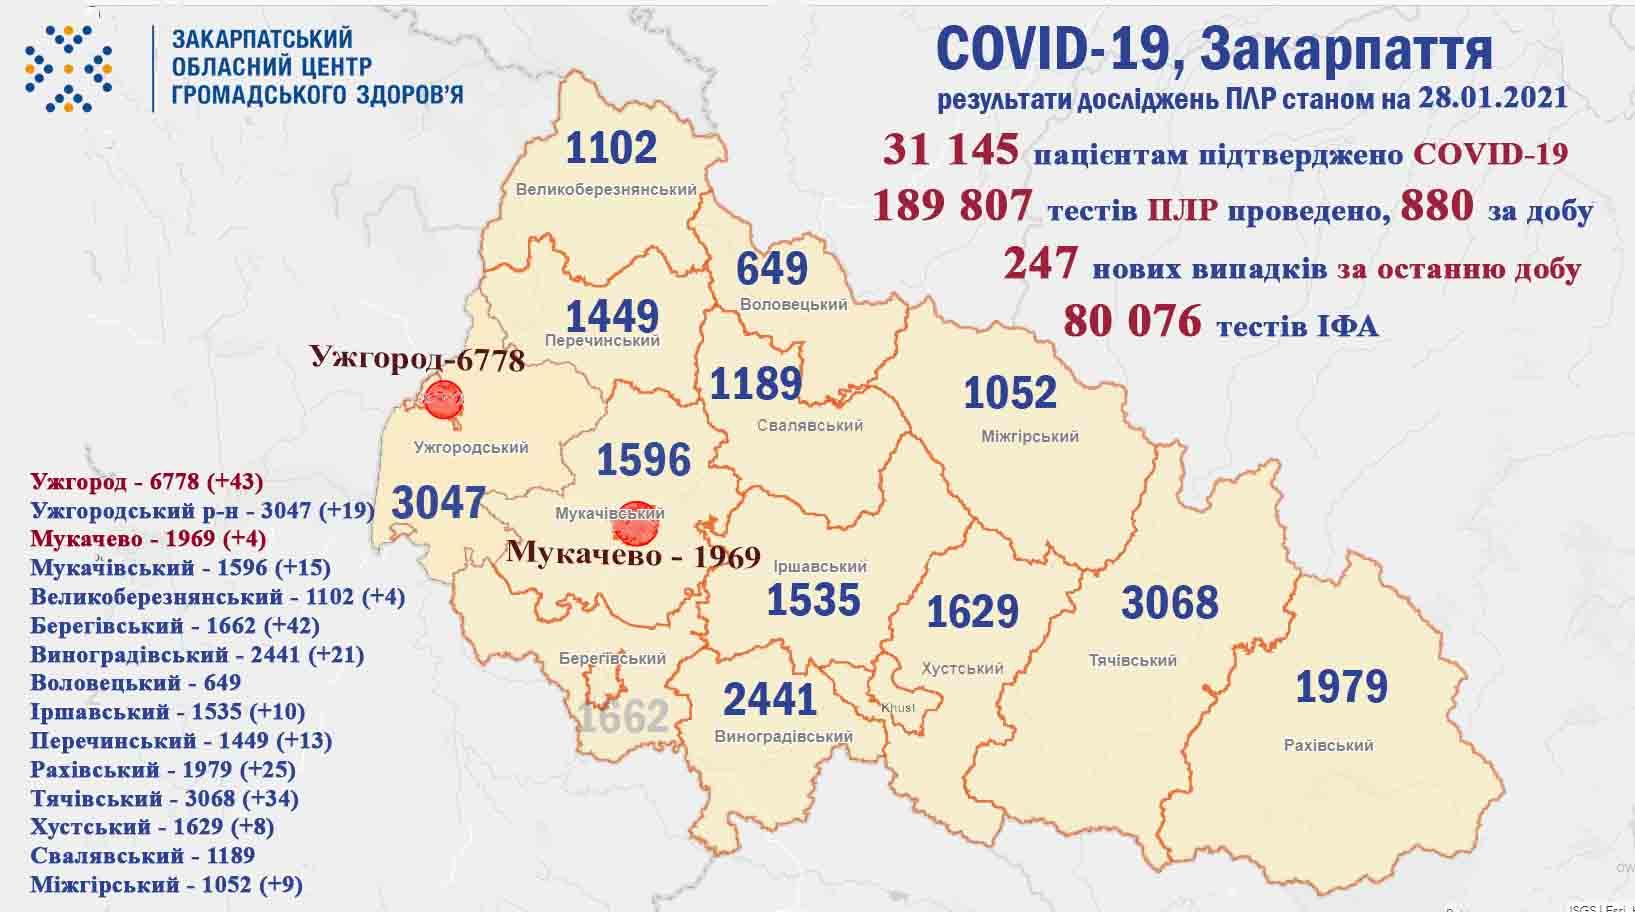 На Закарпатті протягом доби виявили 247 випадків COVID-19